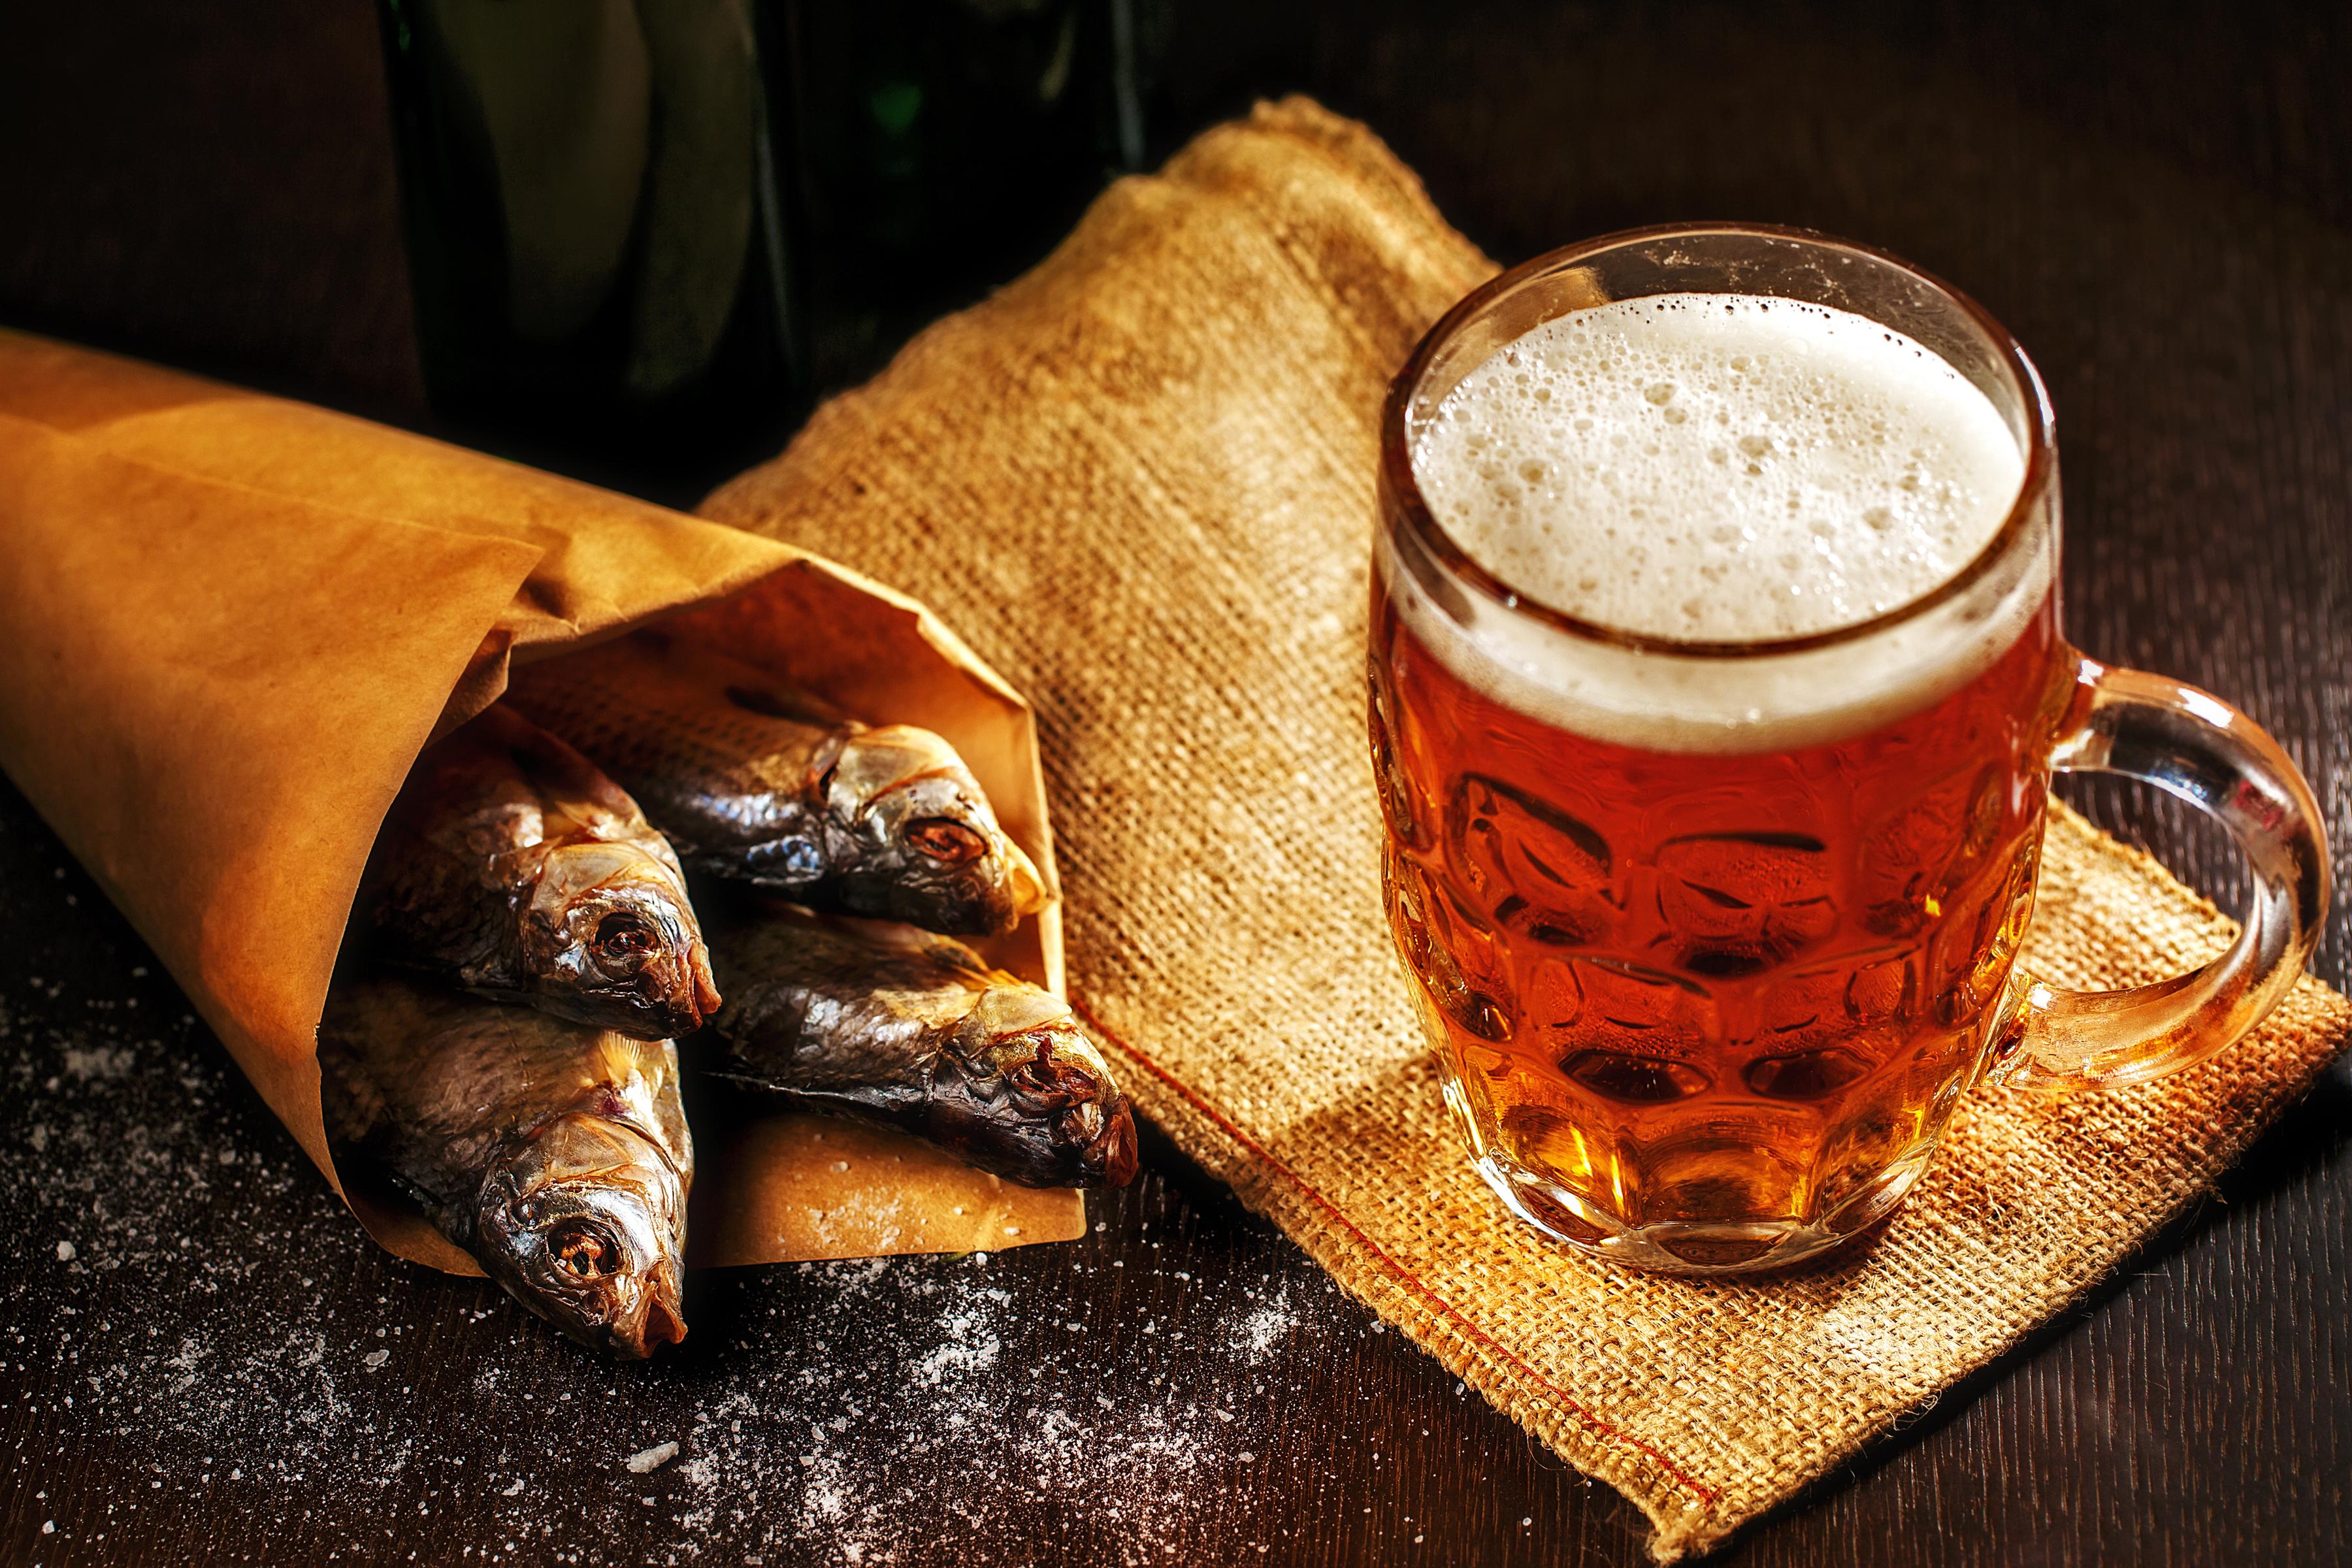 красивые картинки с пивом и рыбой всегда